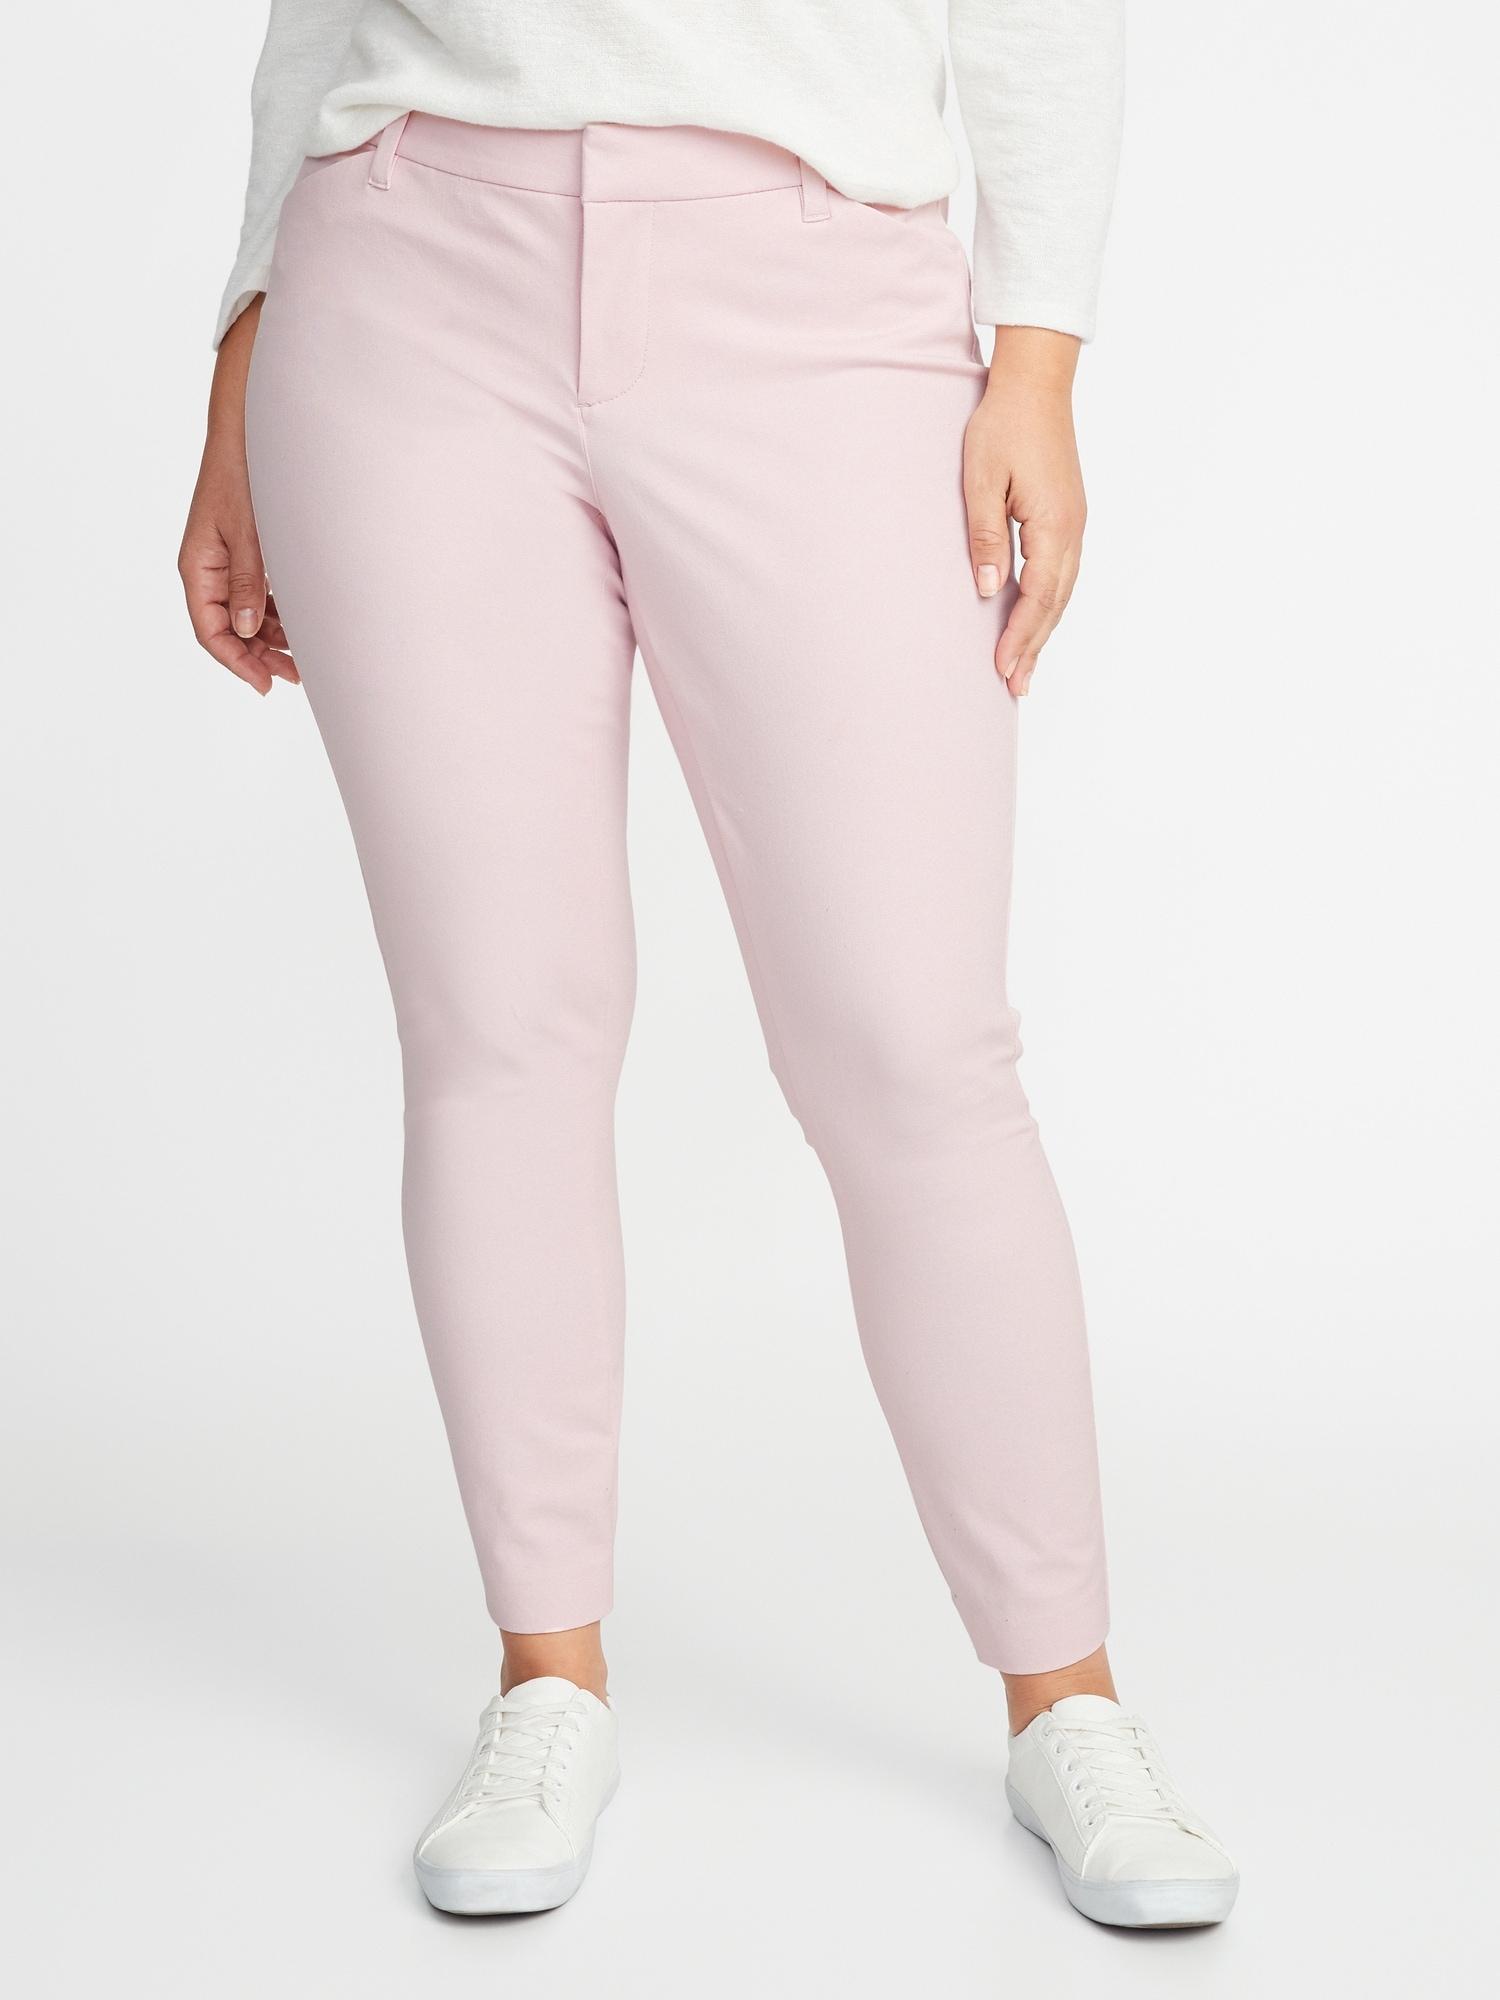 4d729441c Mid-Rise Secret-Slim Pockets Plus-Size Pixie Ankle Pants